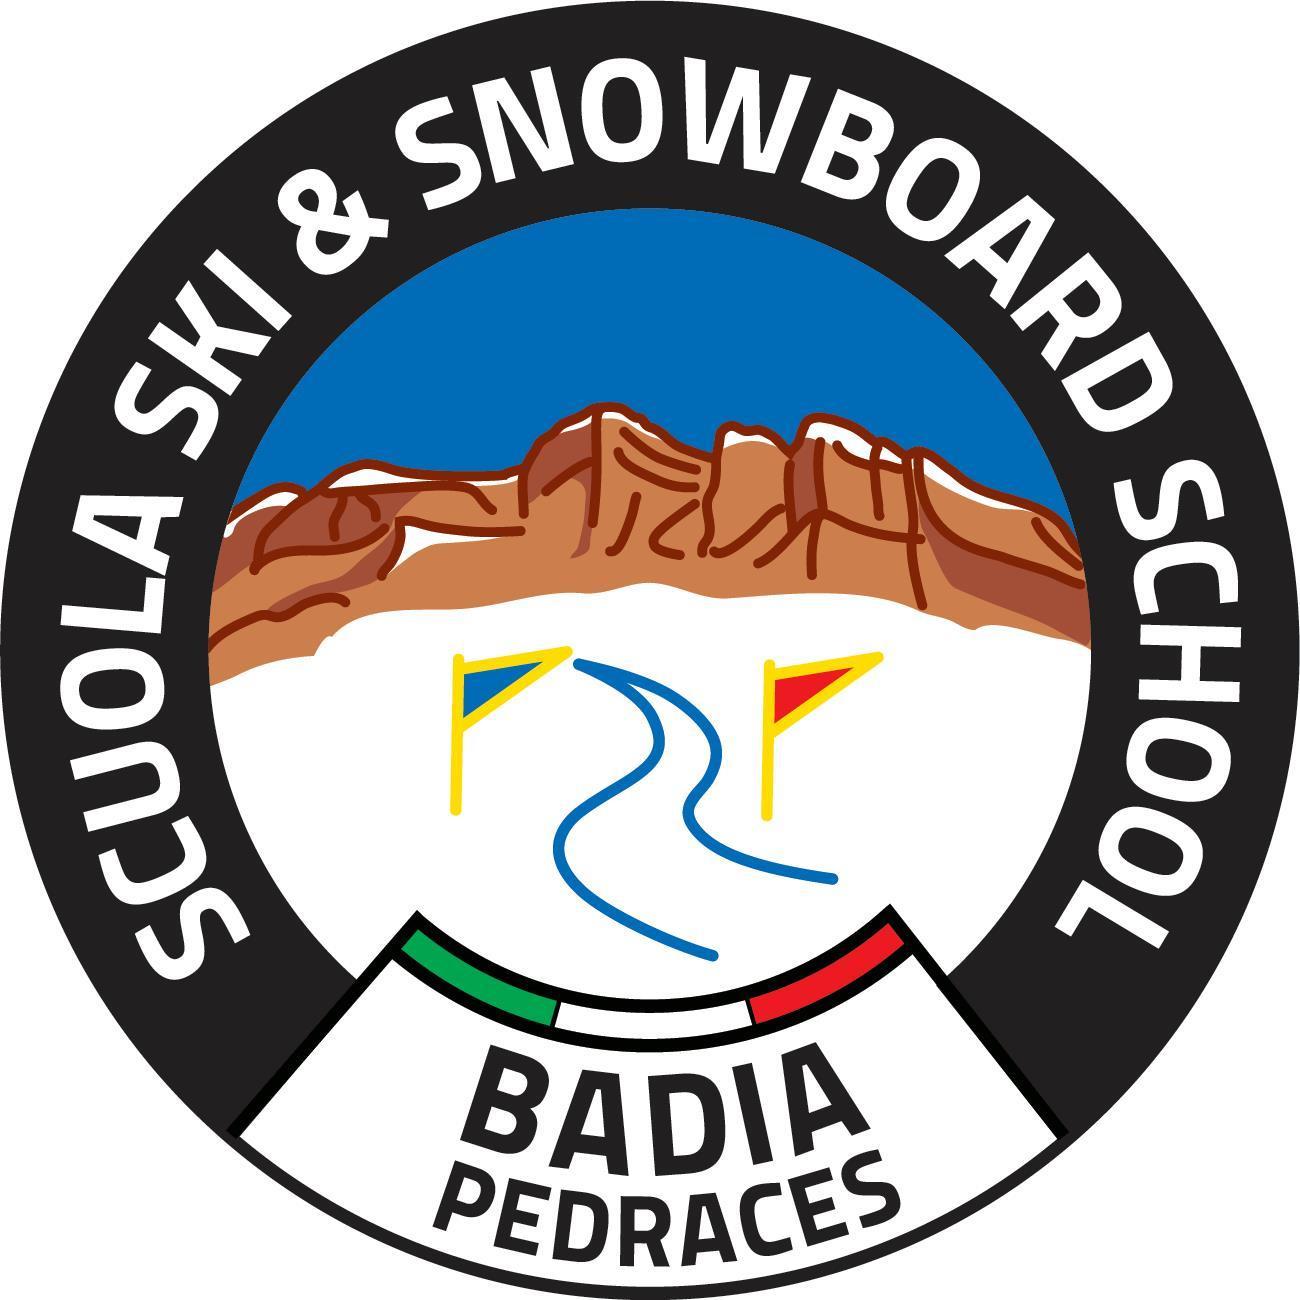 Scuola sci e snowboard Badia Pedraces